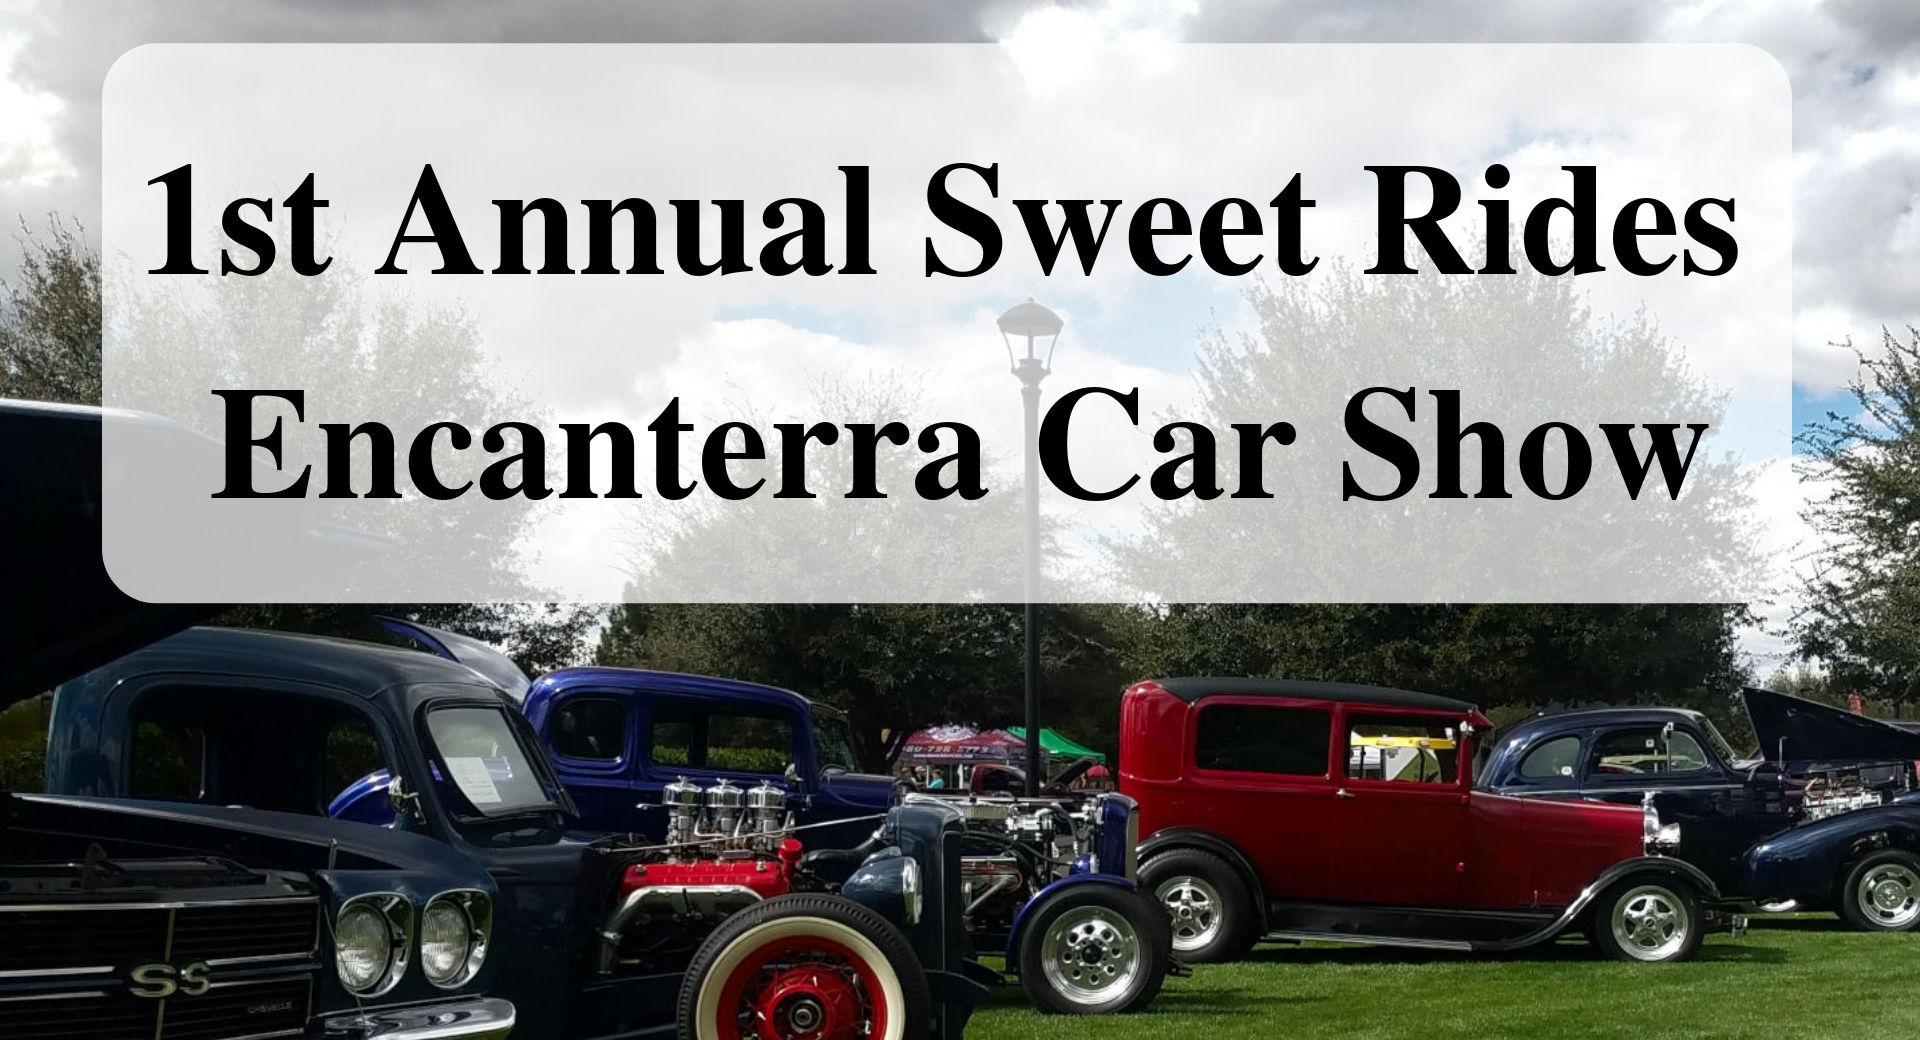 1st Annual Sweet Rides Encanterra Car Show